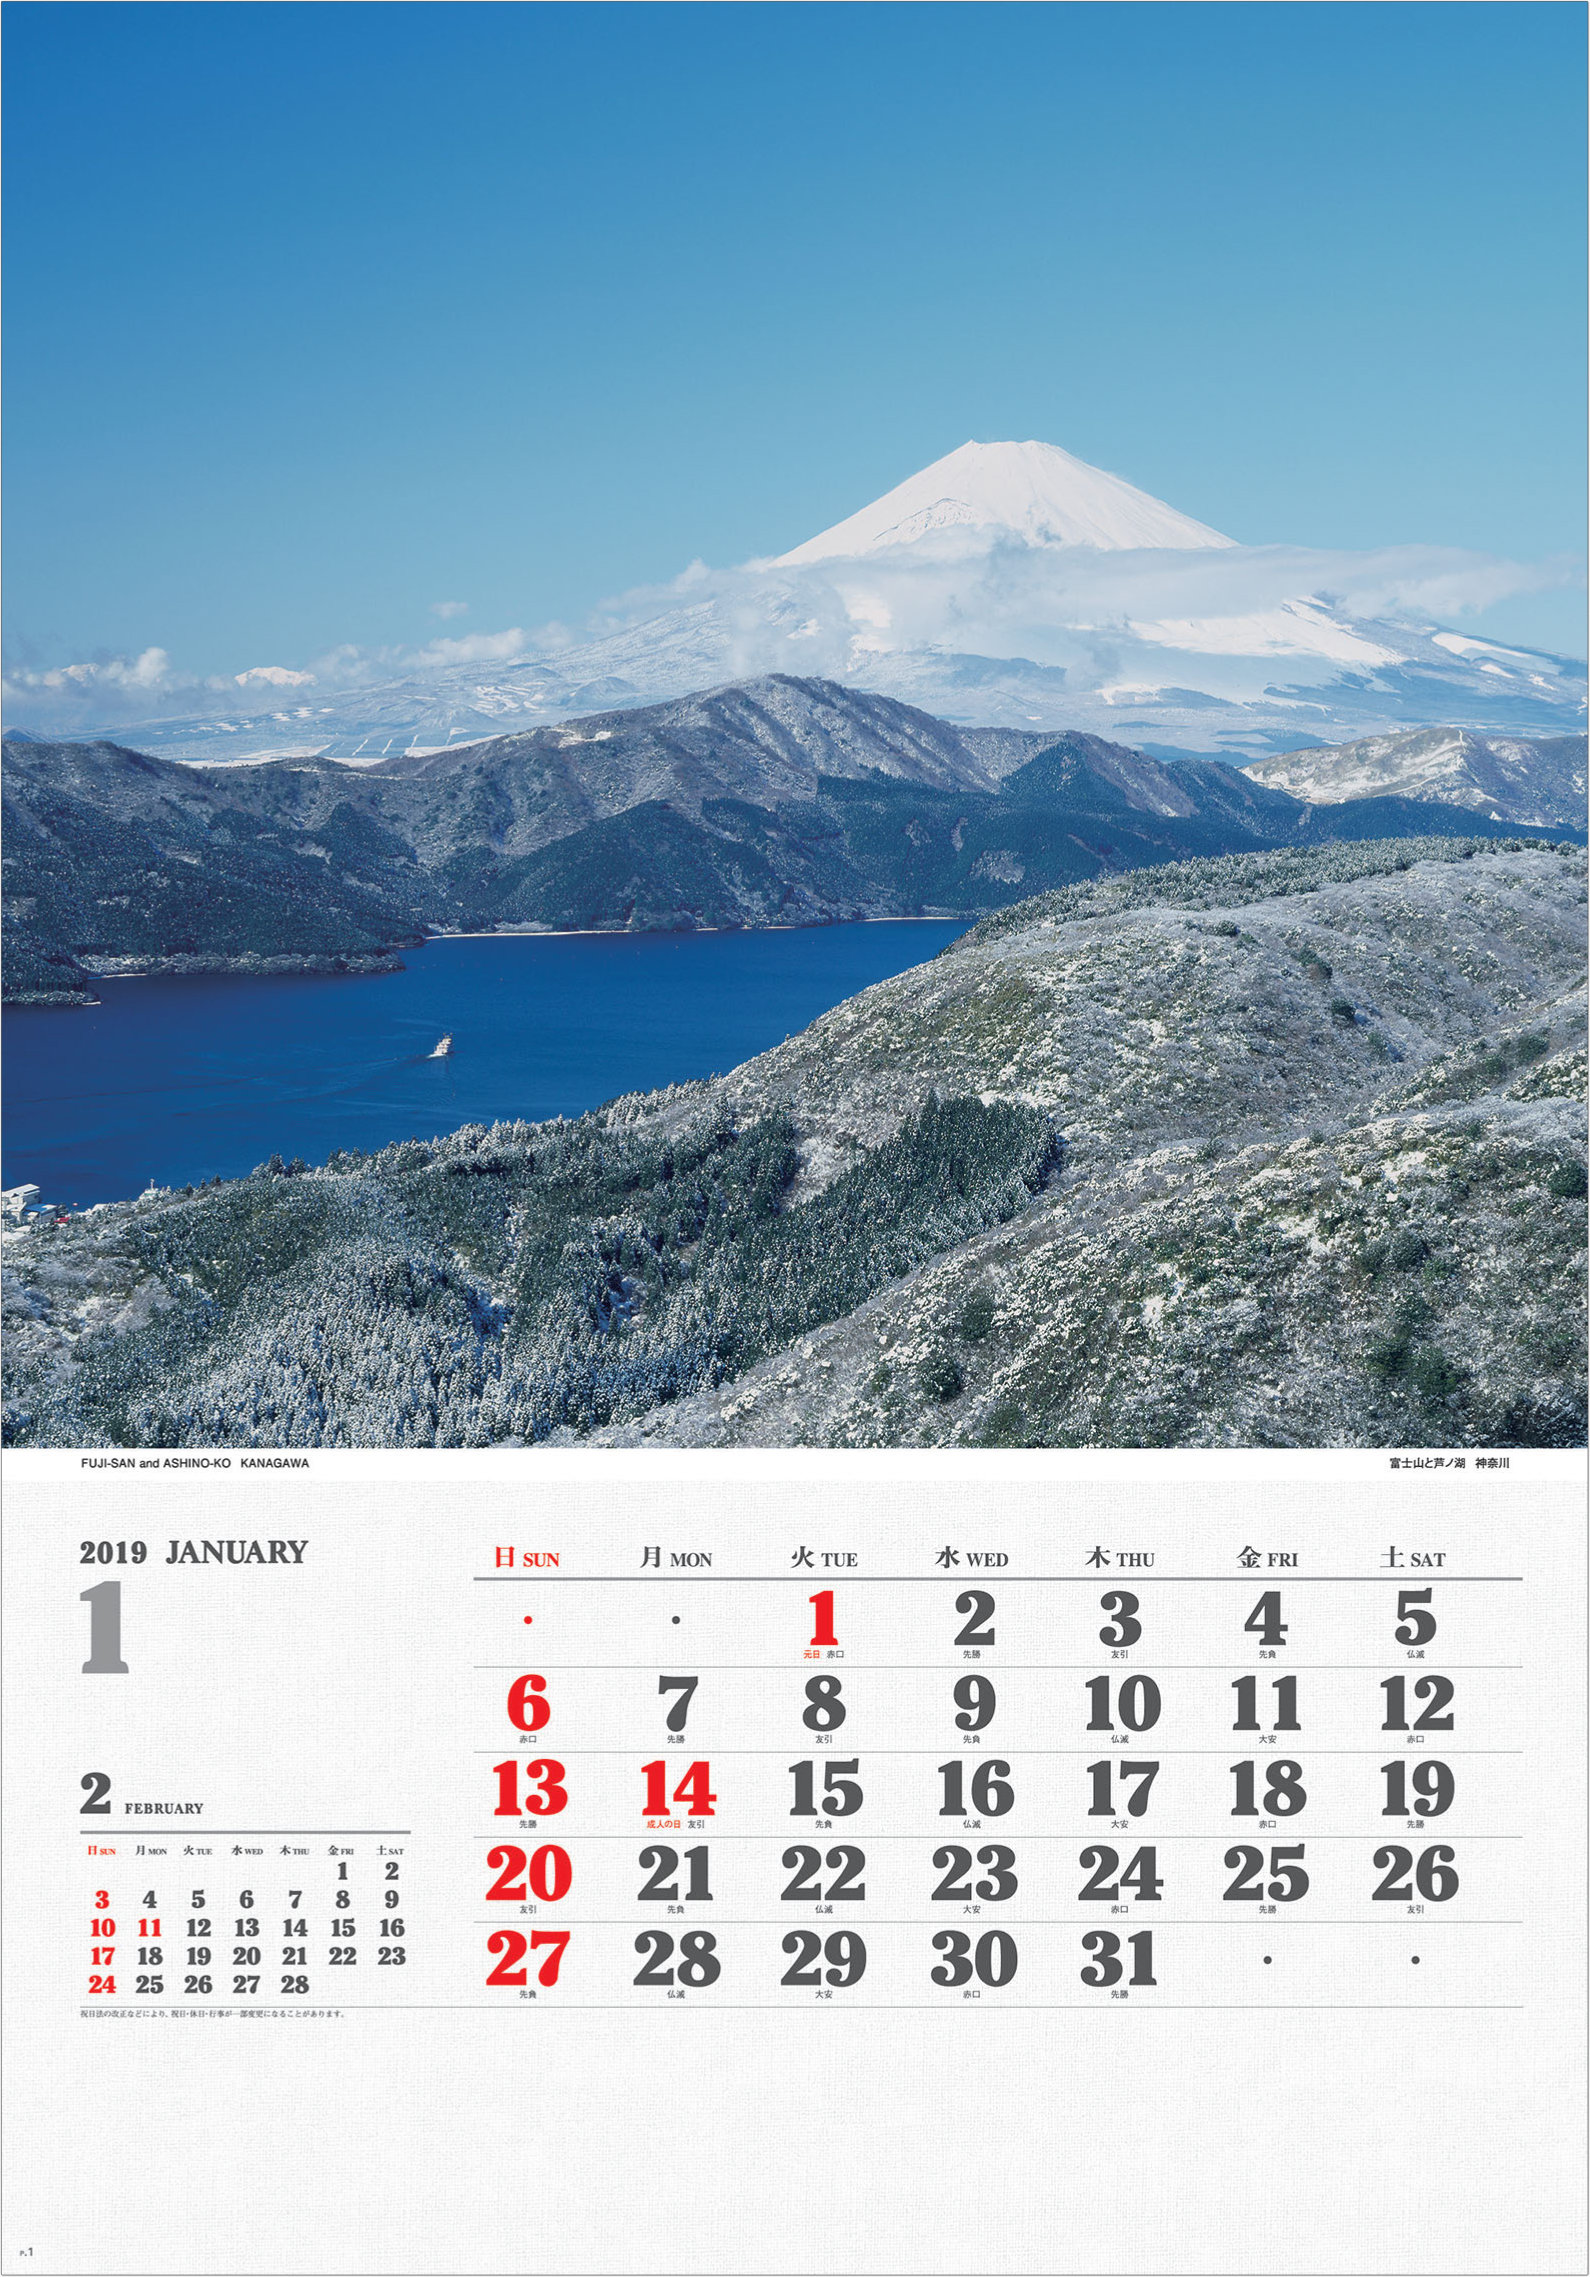 画像:神奈川県 富士山と芦ノ湖 ワイドニッポン十二選(フィルムカレンダー) 2019年カレンダー